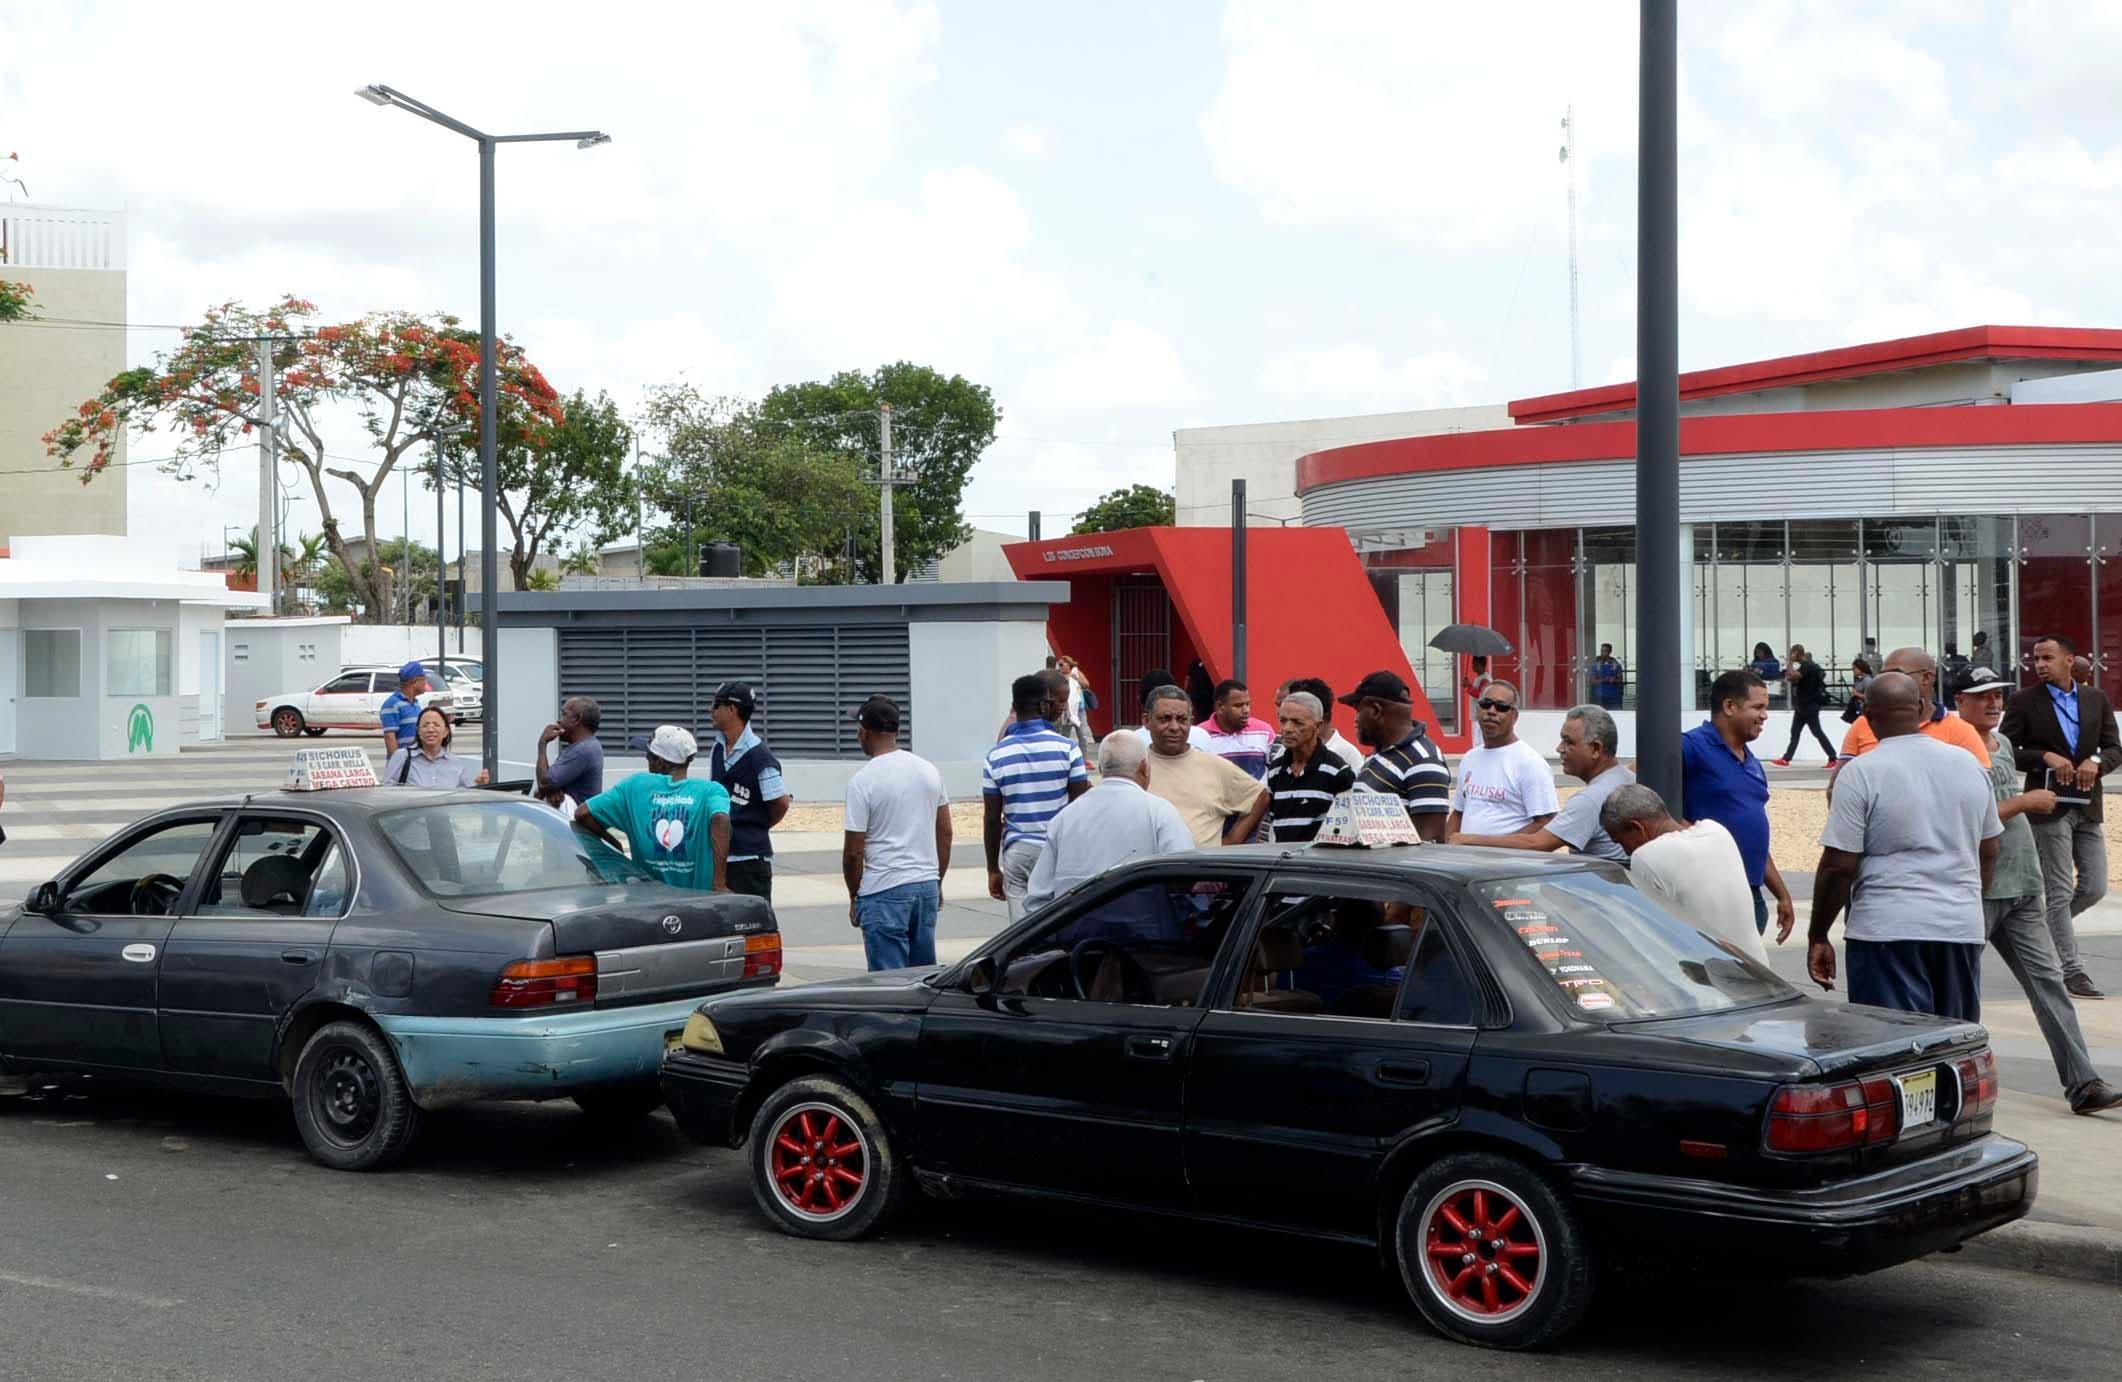 Primer día de transito de la línea del Metro 2B, Santo Domingo Este, en la foto choferes en espera de los pasajeros que salen del Metro/foto: José de León